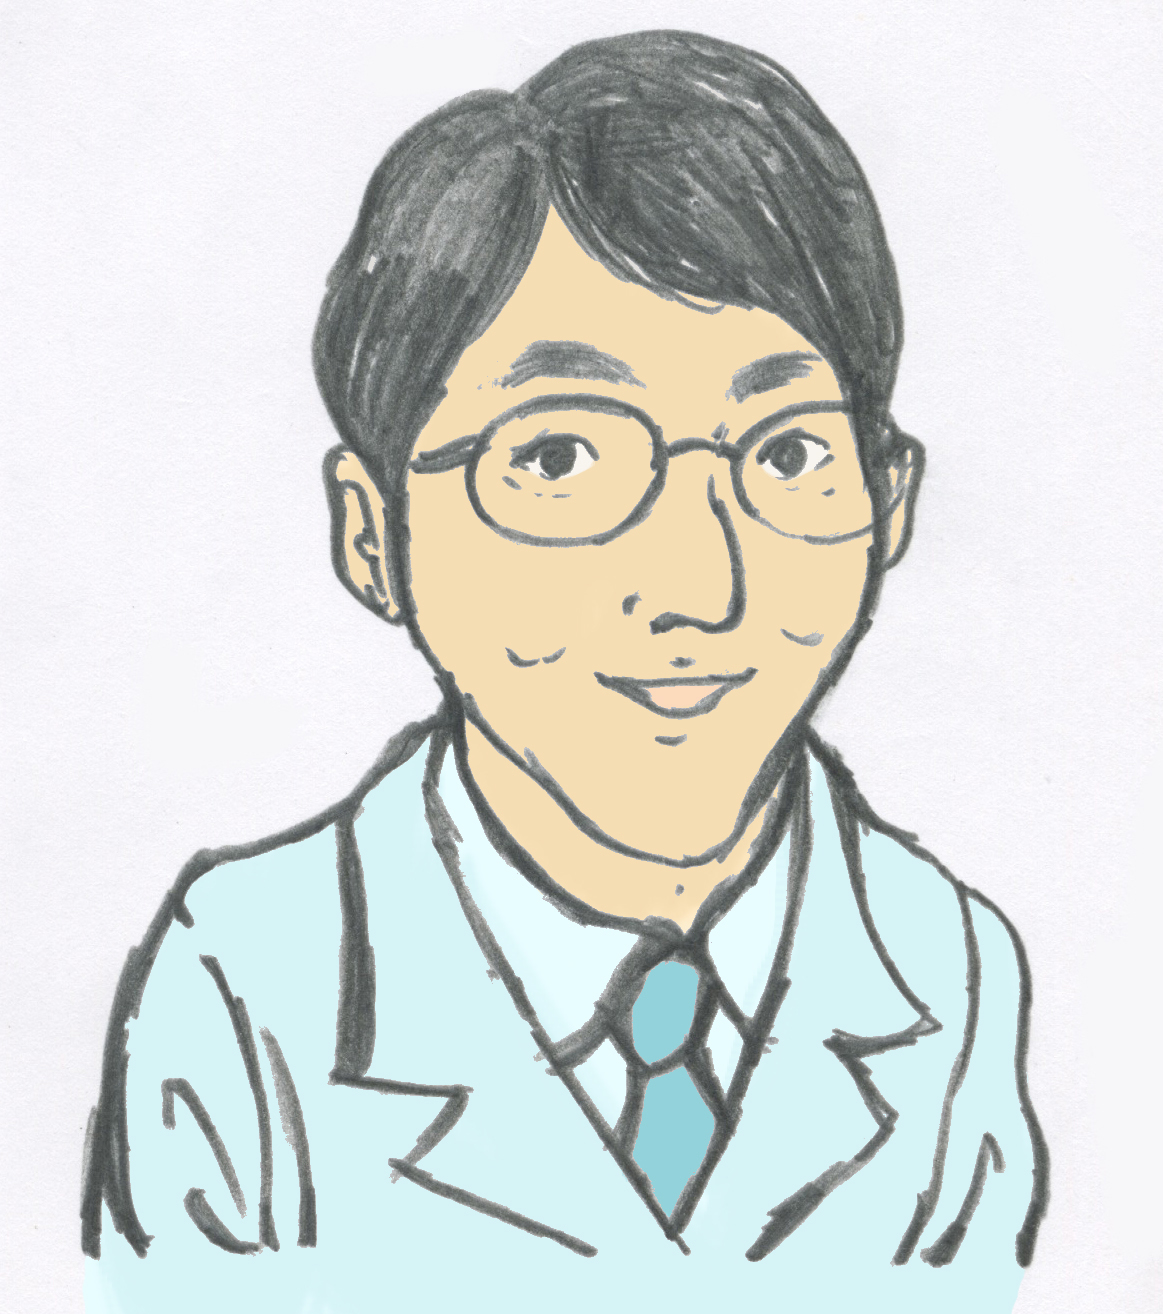 松本 剛史の似顔絵